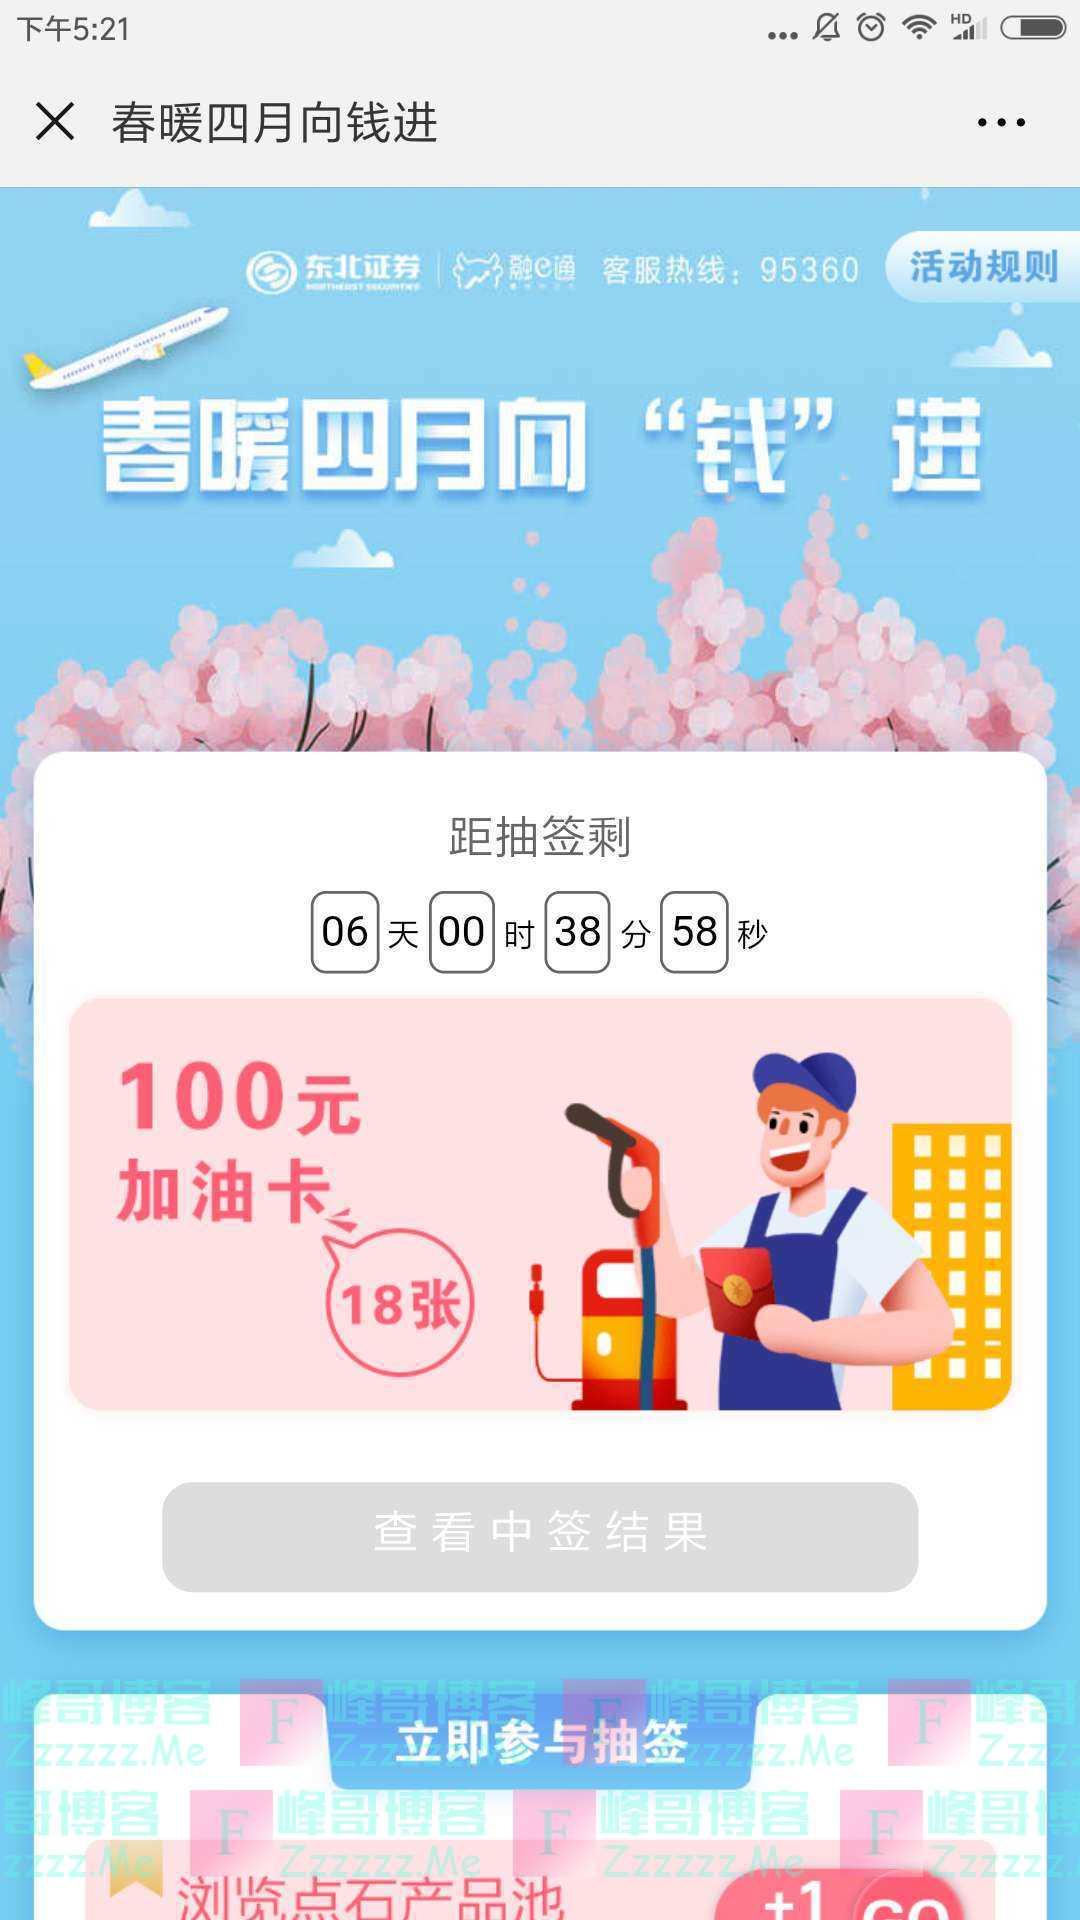 """东北证券融e通春暖四月向""""钱""""进(截止4月28日)"""